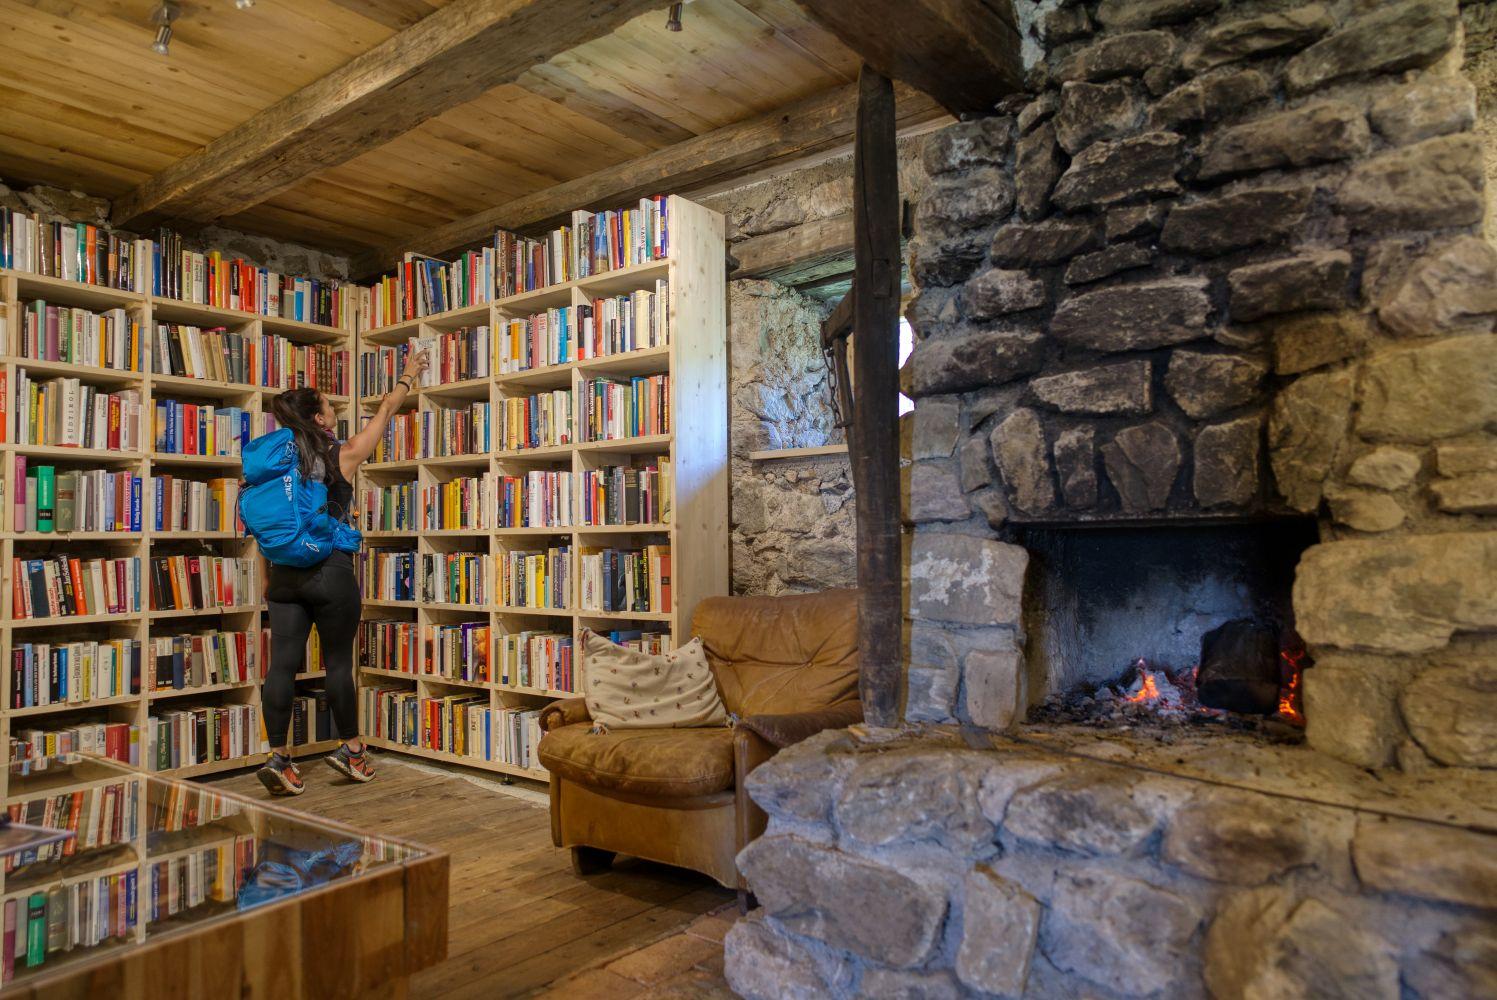 #2 Bücherei in der Wildalm